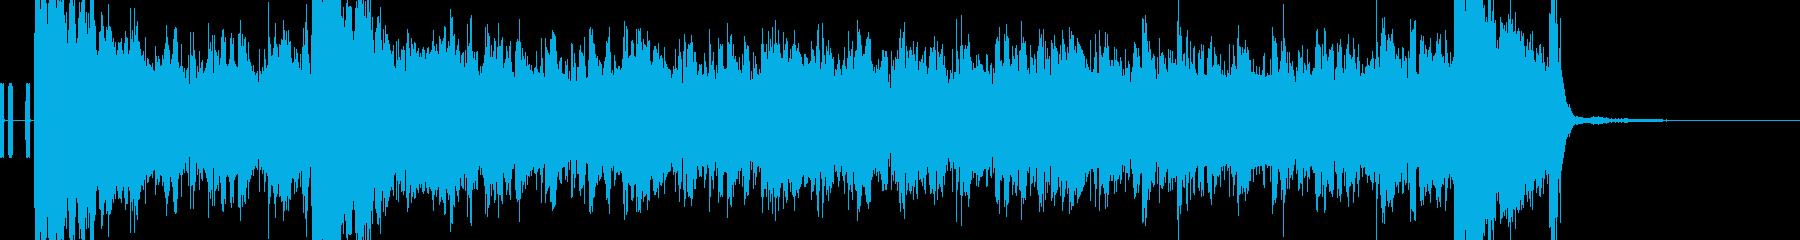 くせになる耳に残るしっくりこないBGMの再生済みの波形